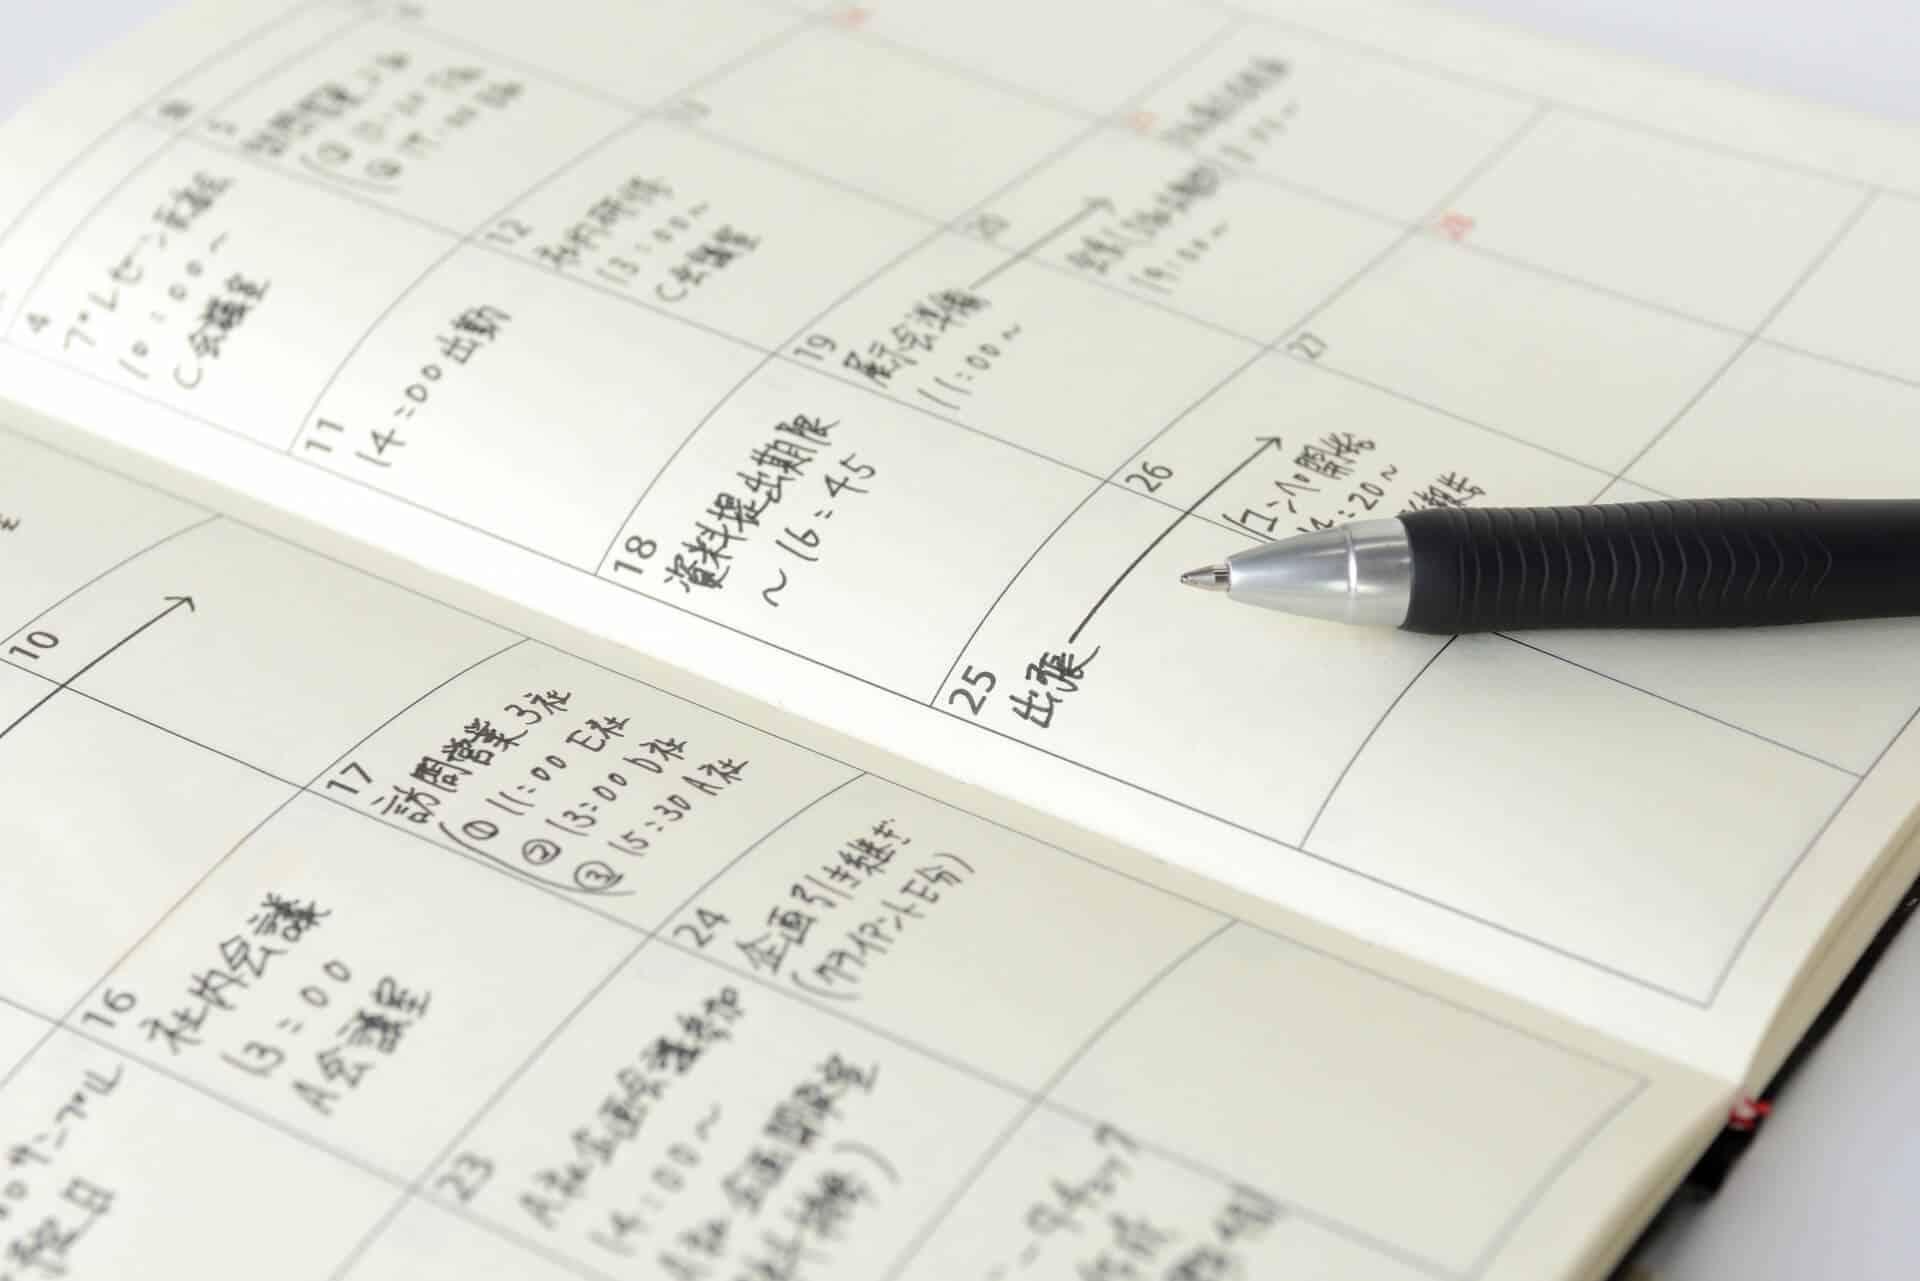 パシフィコ横浜 Backlog導入事例_手帳による業務管理は個人に情報が閉じてしまい、チームに共有ができない